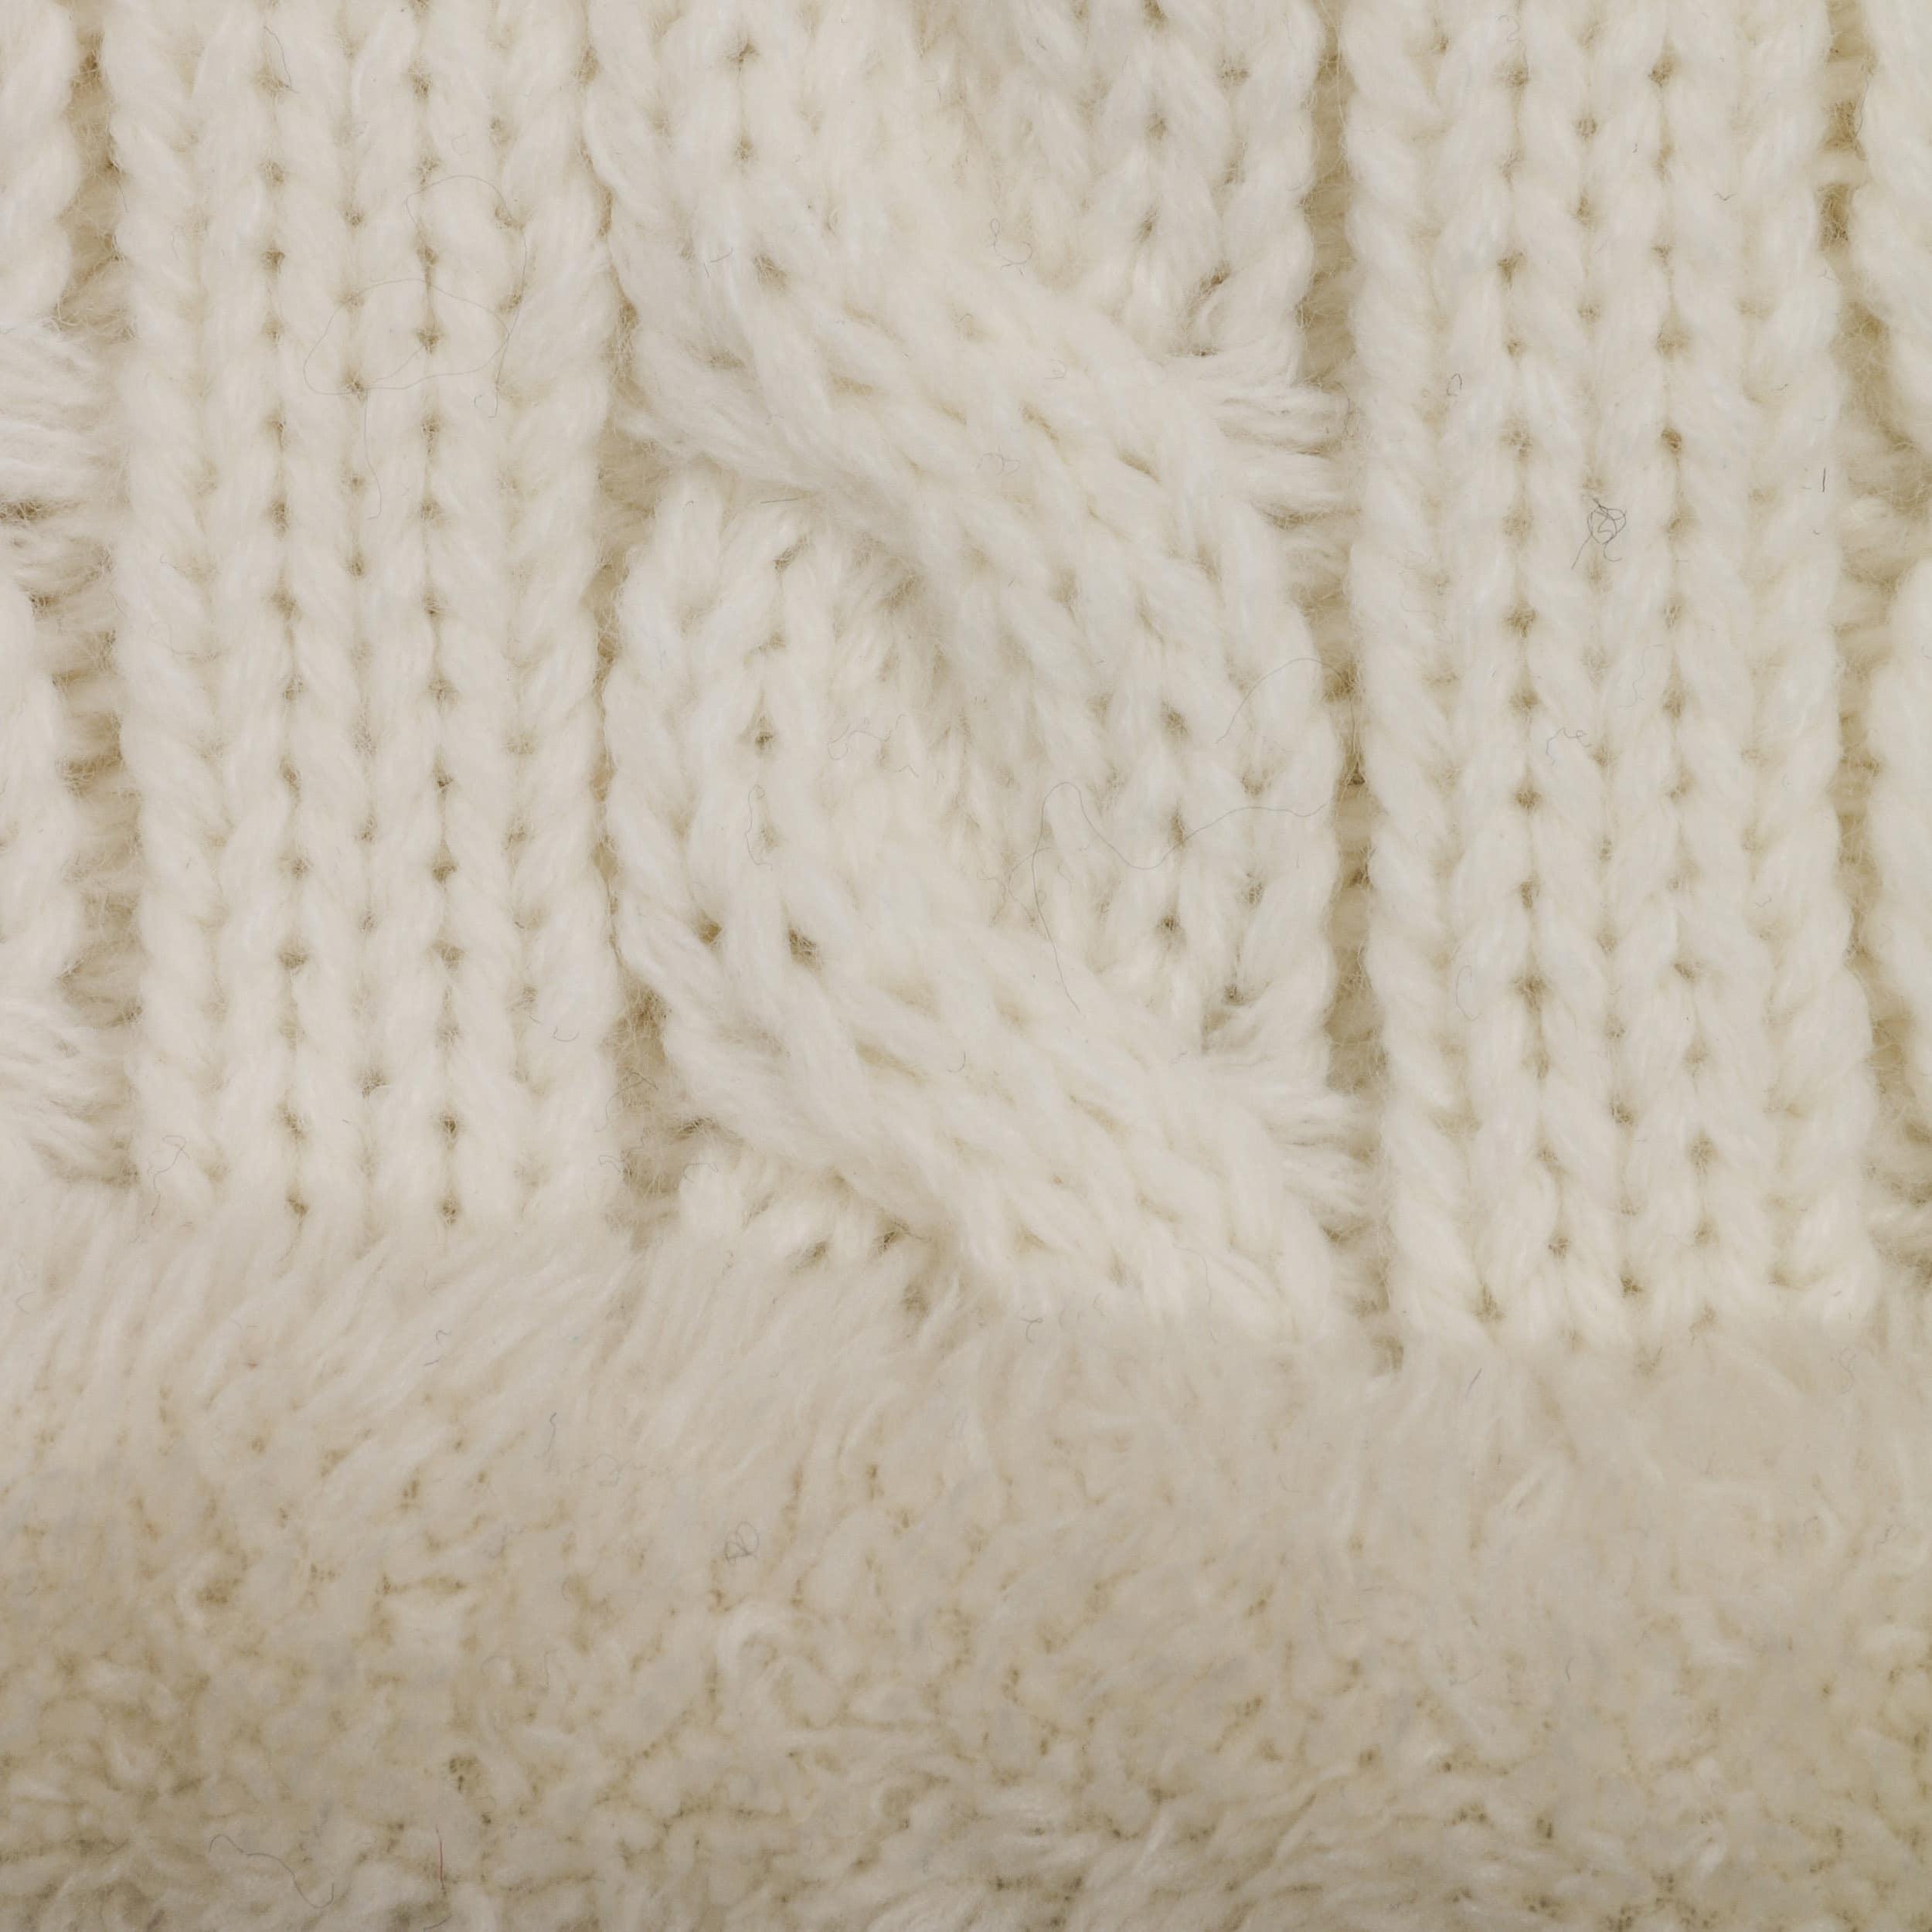 Bufanda Circular con Peluche by Lipodo - Bufandas - sombreroshop.es